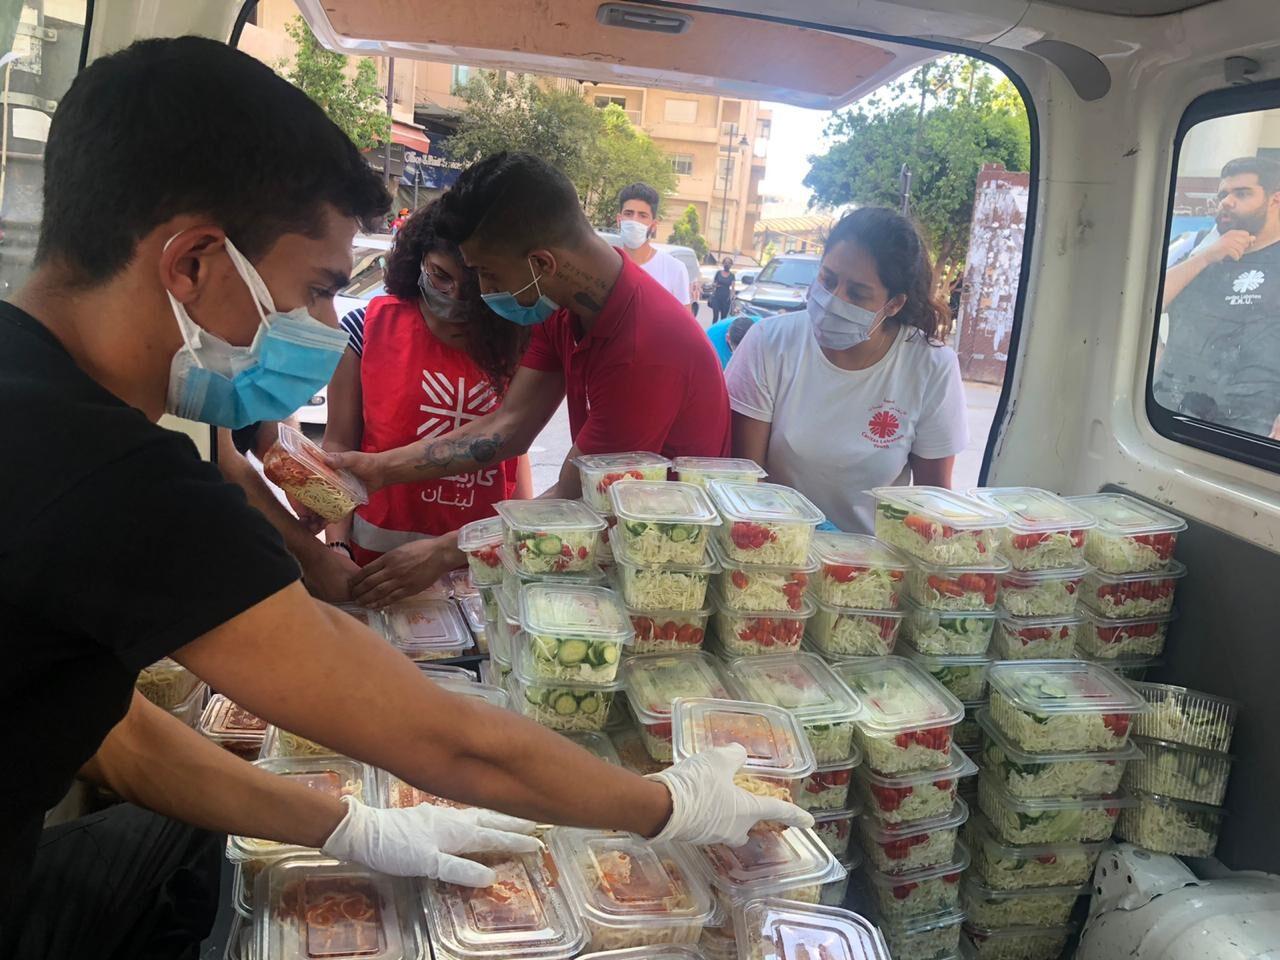 """Explosiones en Beirut. Caritas Líbano: """"Estamos viviendo una pesadilla pero no nos damos por vencidos y seguimos ayudando a los más vulnerables"""" </br> Caritas Internationalis lanza un plan de emergencia para ayudar inmediatamente a las víctimas"""